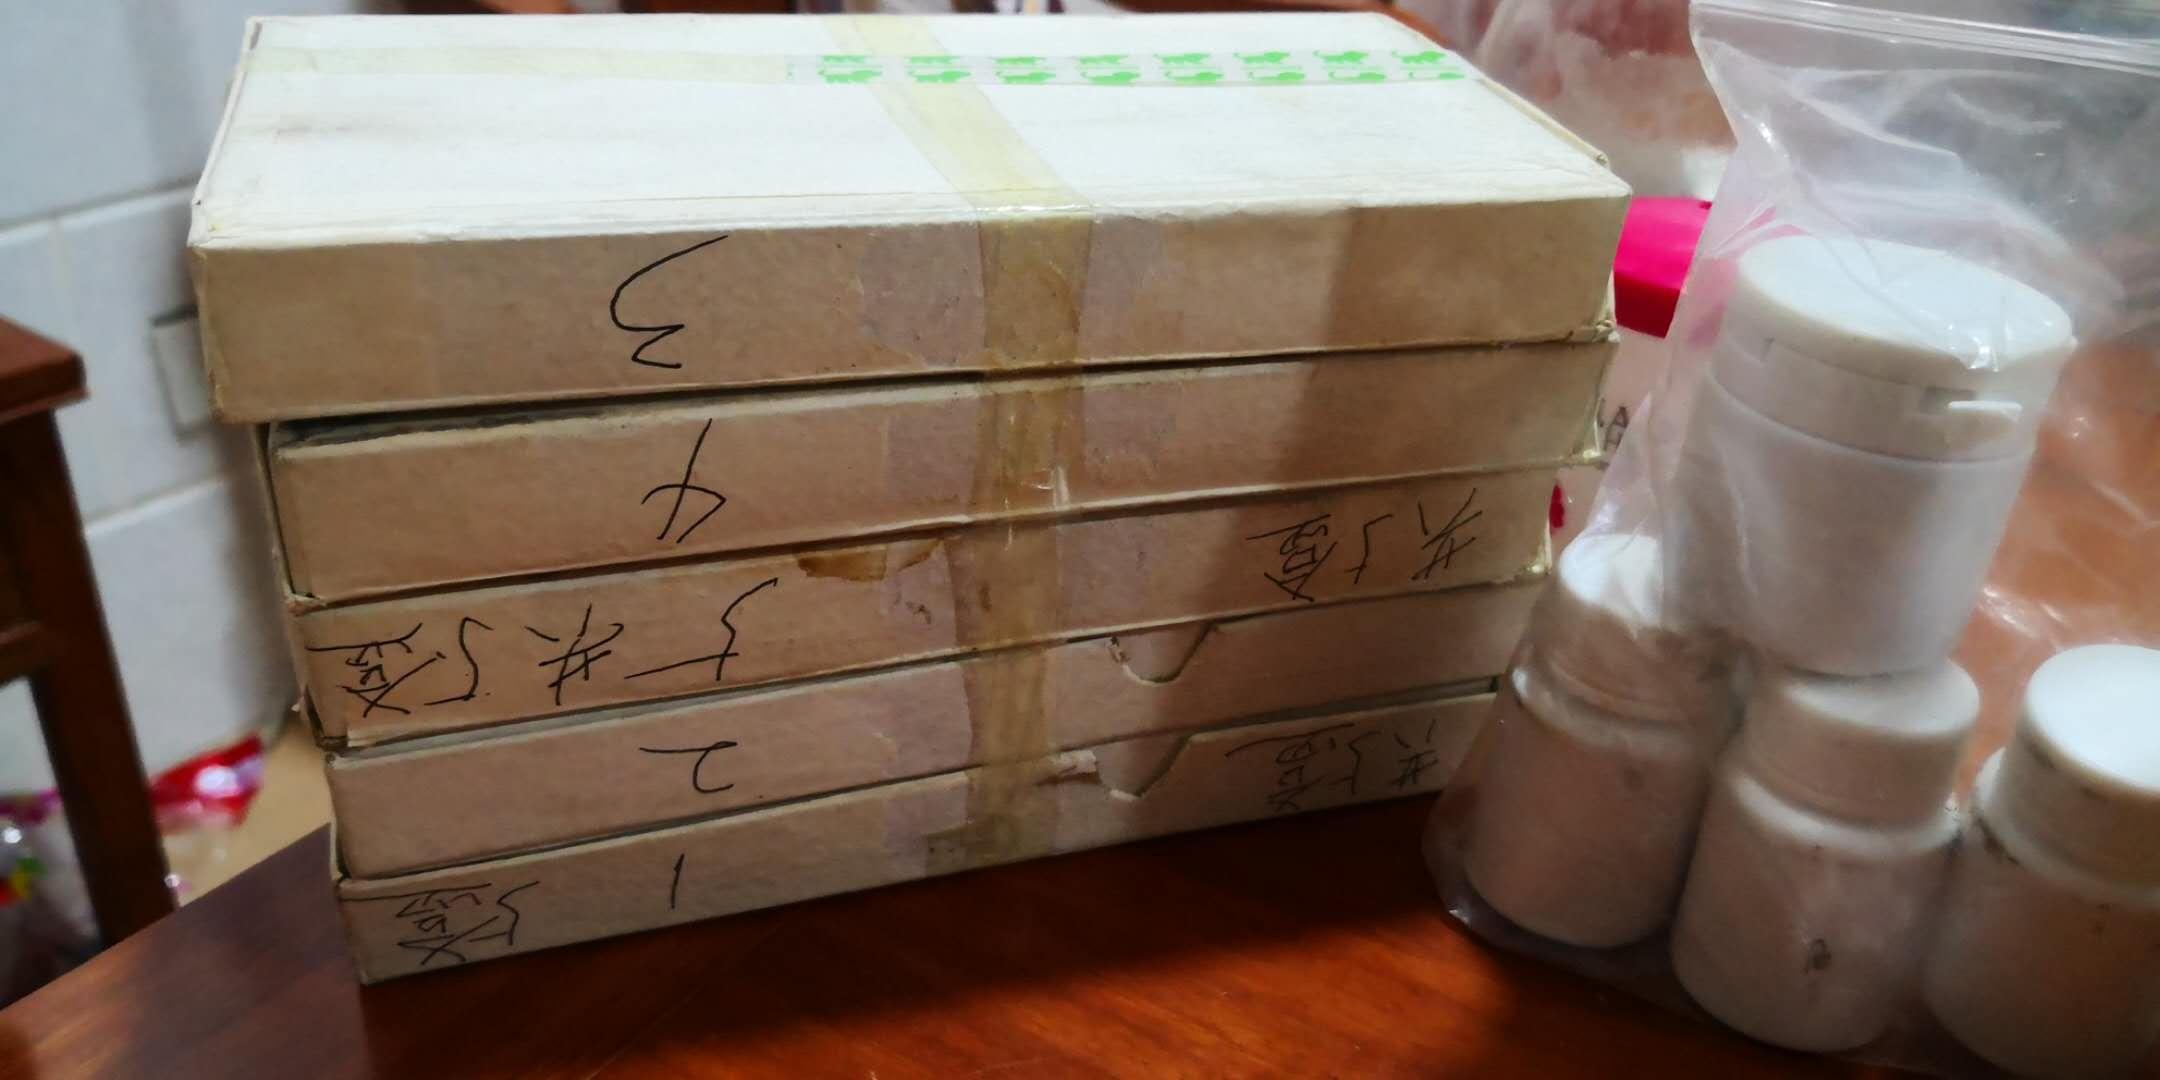 网状铂钯铑回收-驻马店网状铂钯铑回收-全国锡铂回收-网状铂钯铑回收收购电话